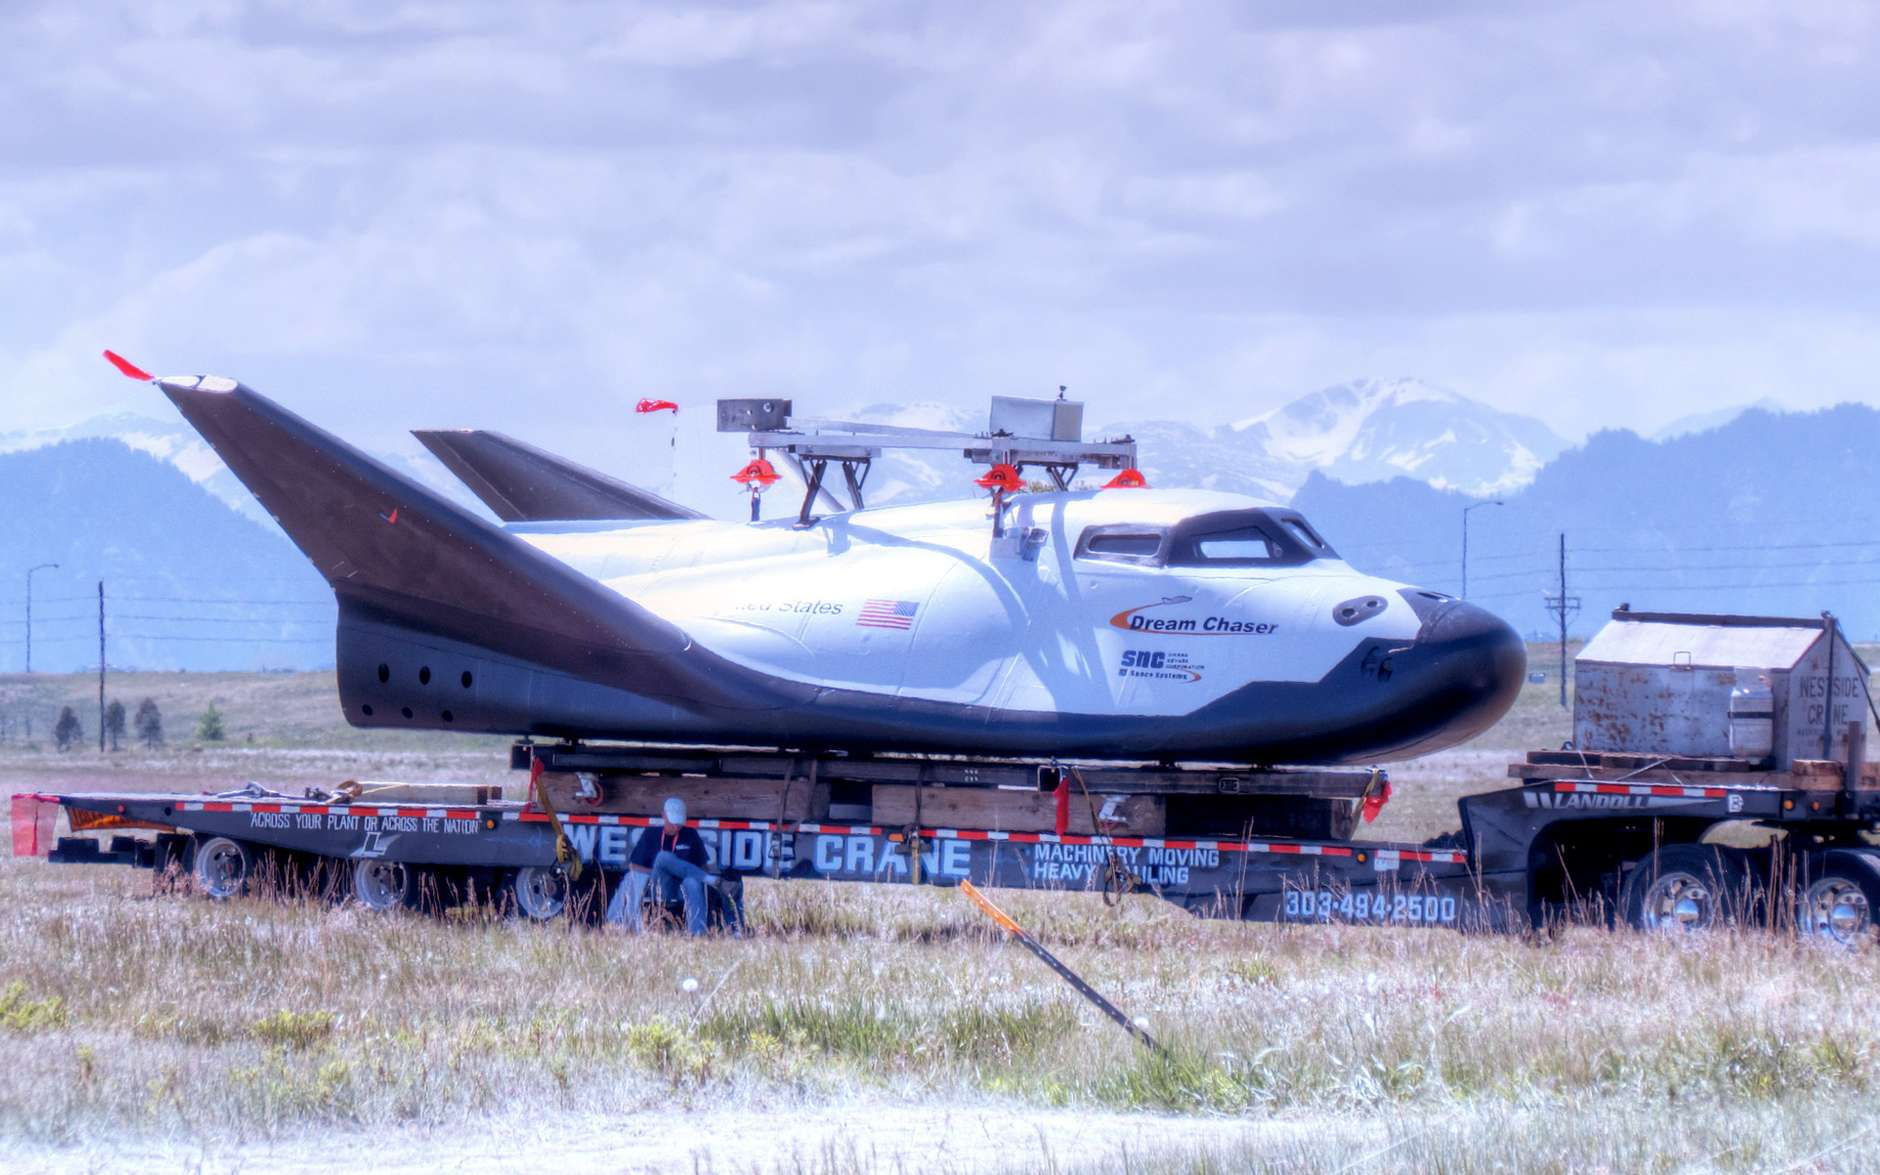 La mininavette Dream Chaser de Sierra Nevada. Ce planeur spatial se base sur le système de transport HL-20 développé par le Centre Langley de la Nasa au milieu des années 1980. Il sera lancé par un Atlas V et se posera comme un avion. On le voit ici en mai 2012 avant des essais de largage. © Sierra Nevada